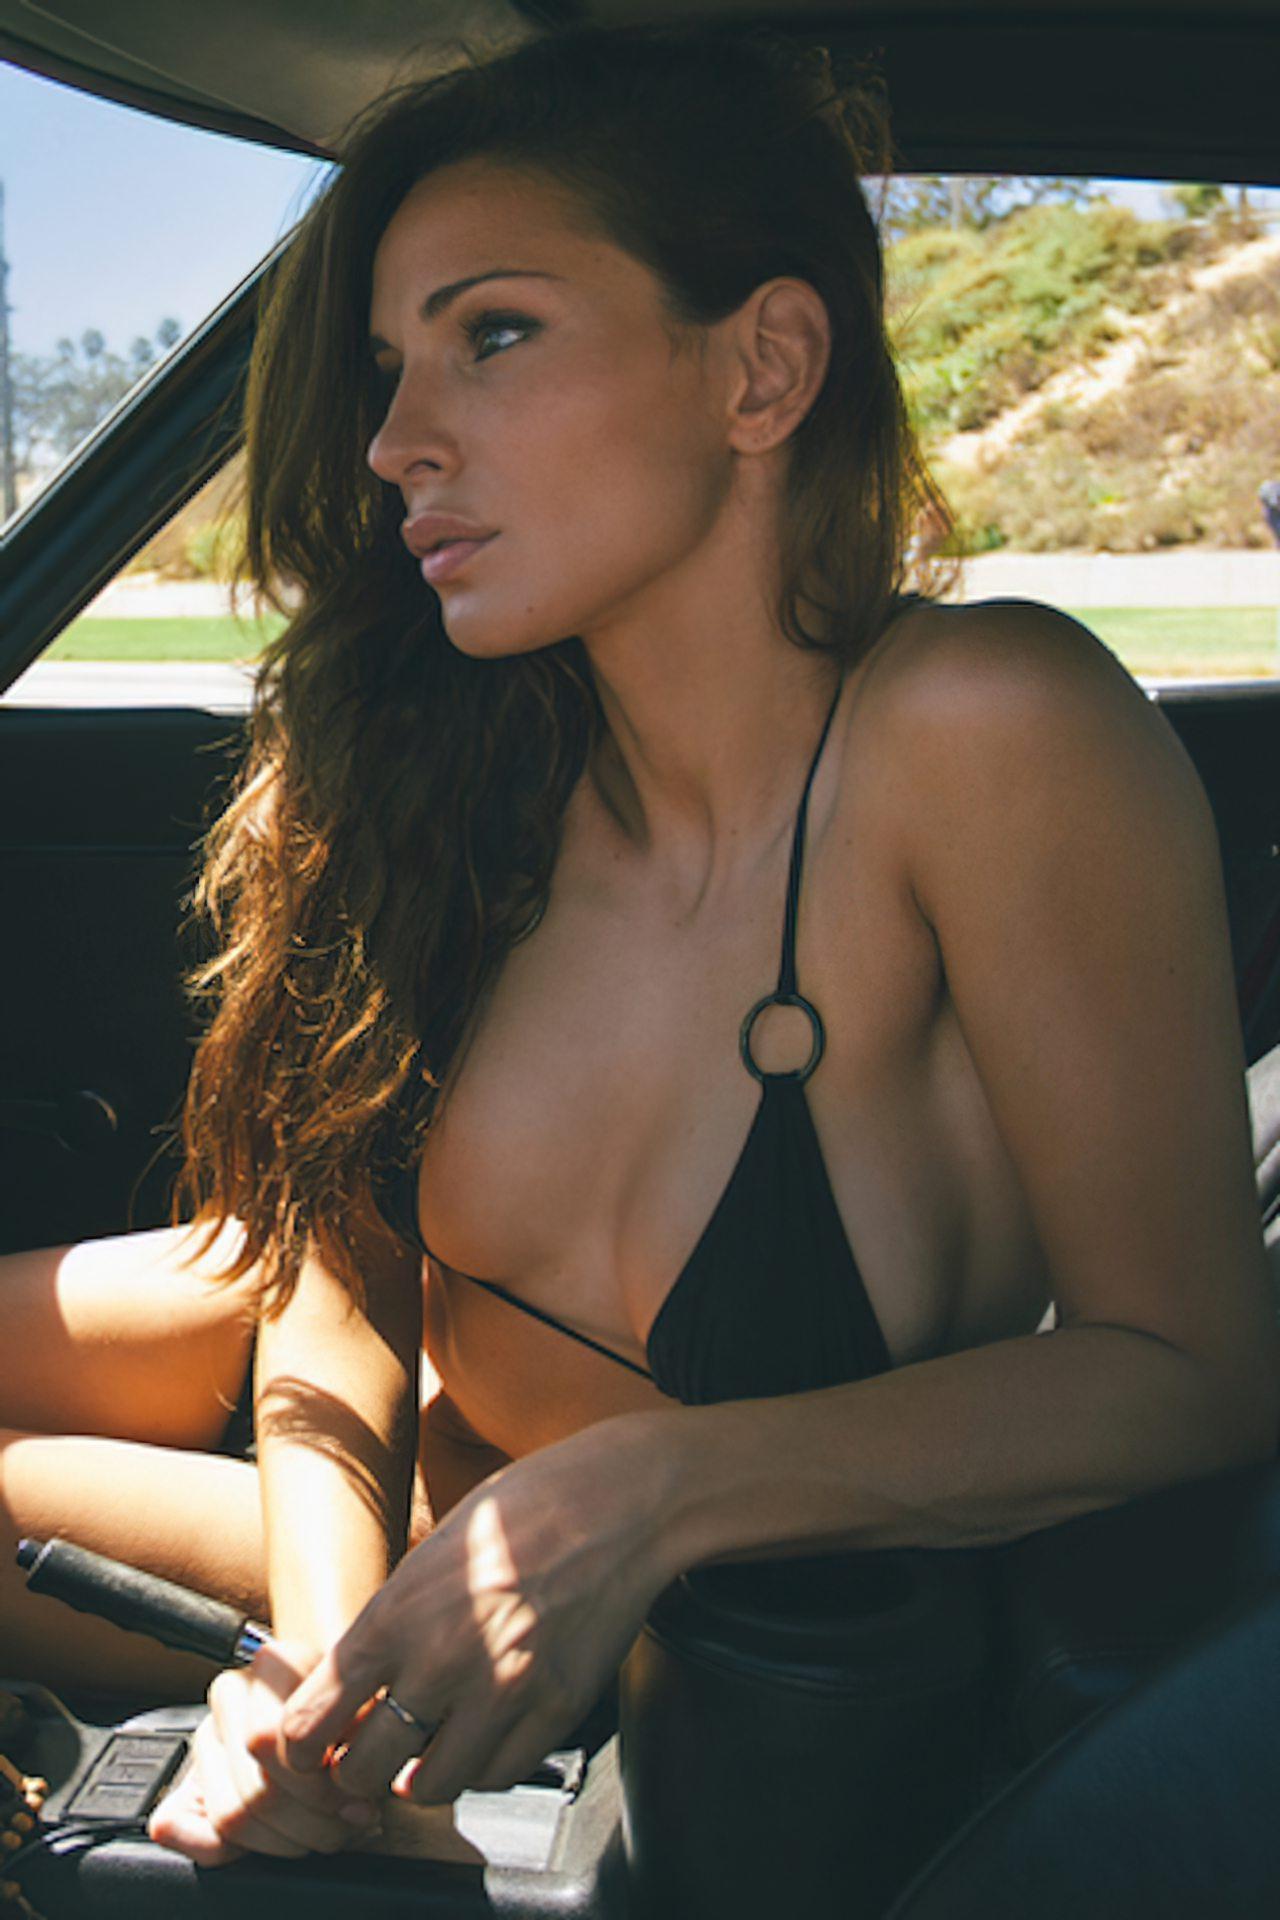 Imagens de Mulheres Nuas (21)